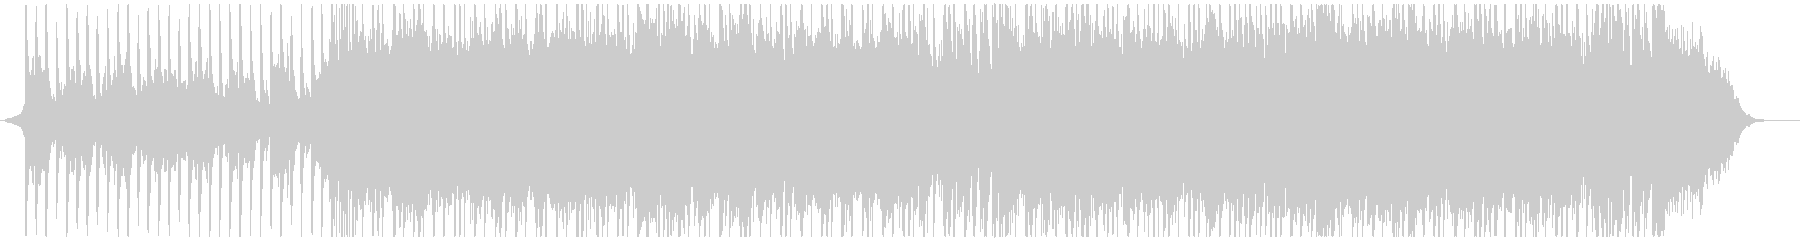 【ショート】感動的クラシカルポップの未再生の波形